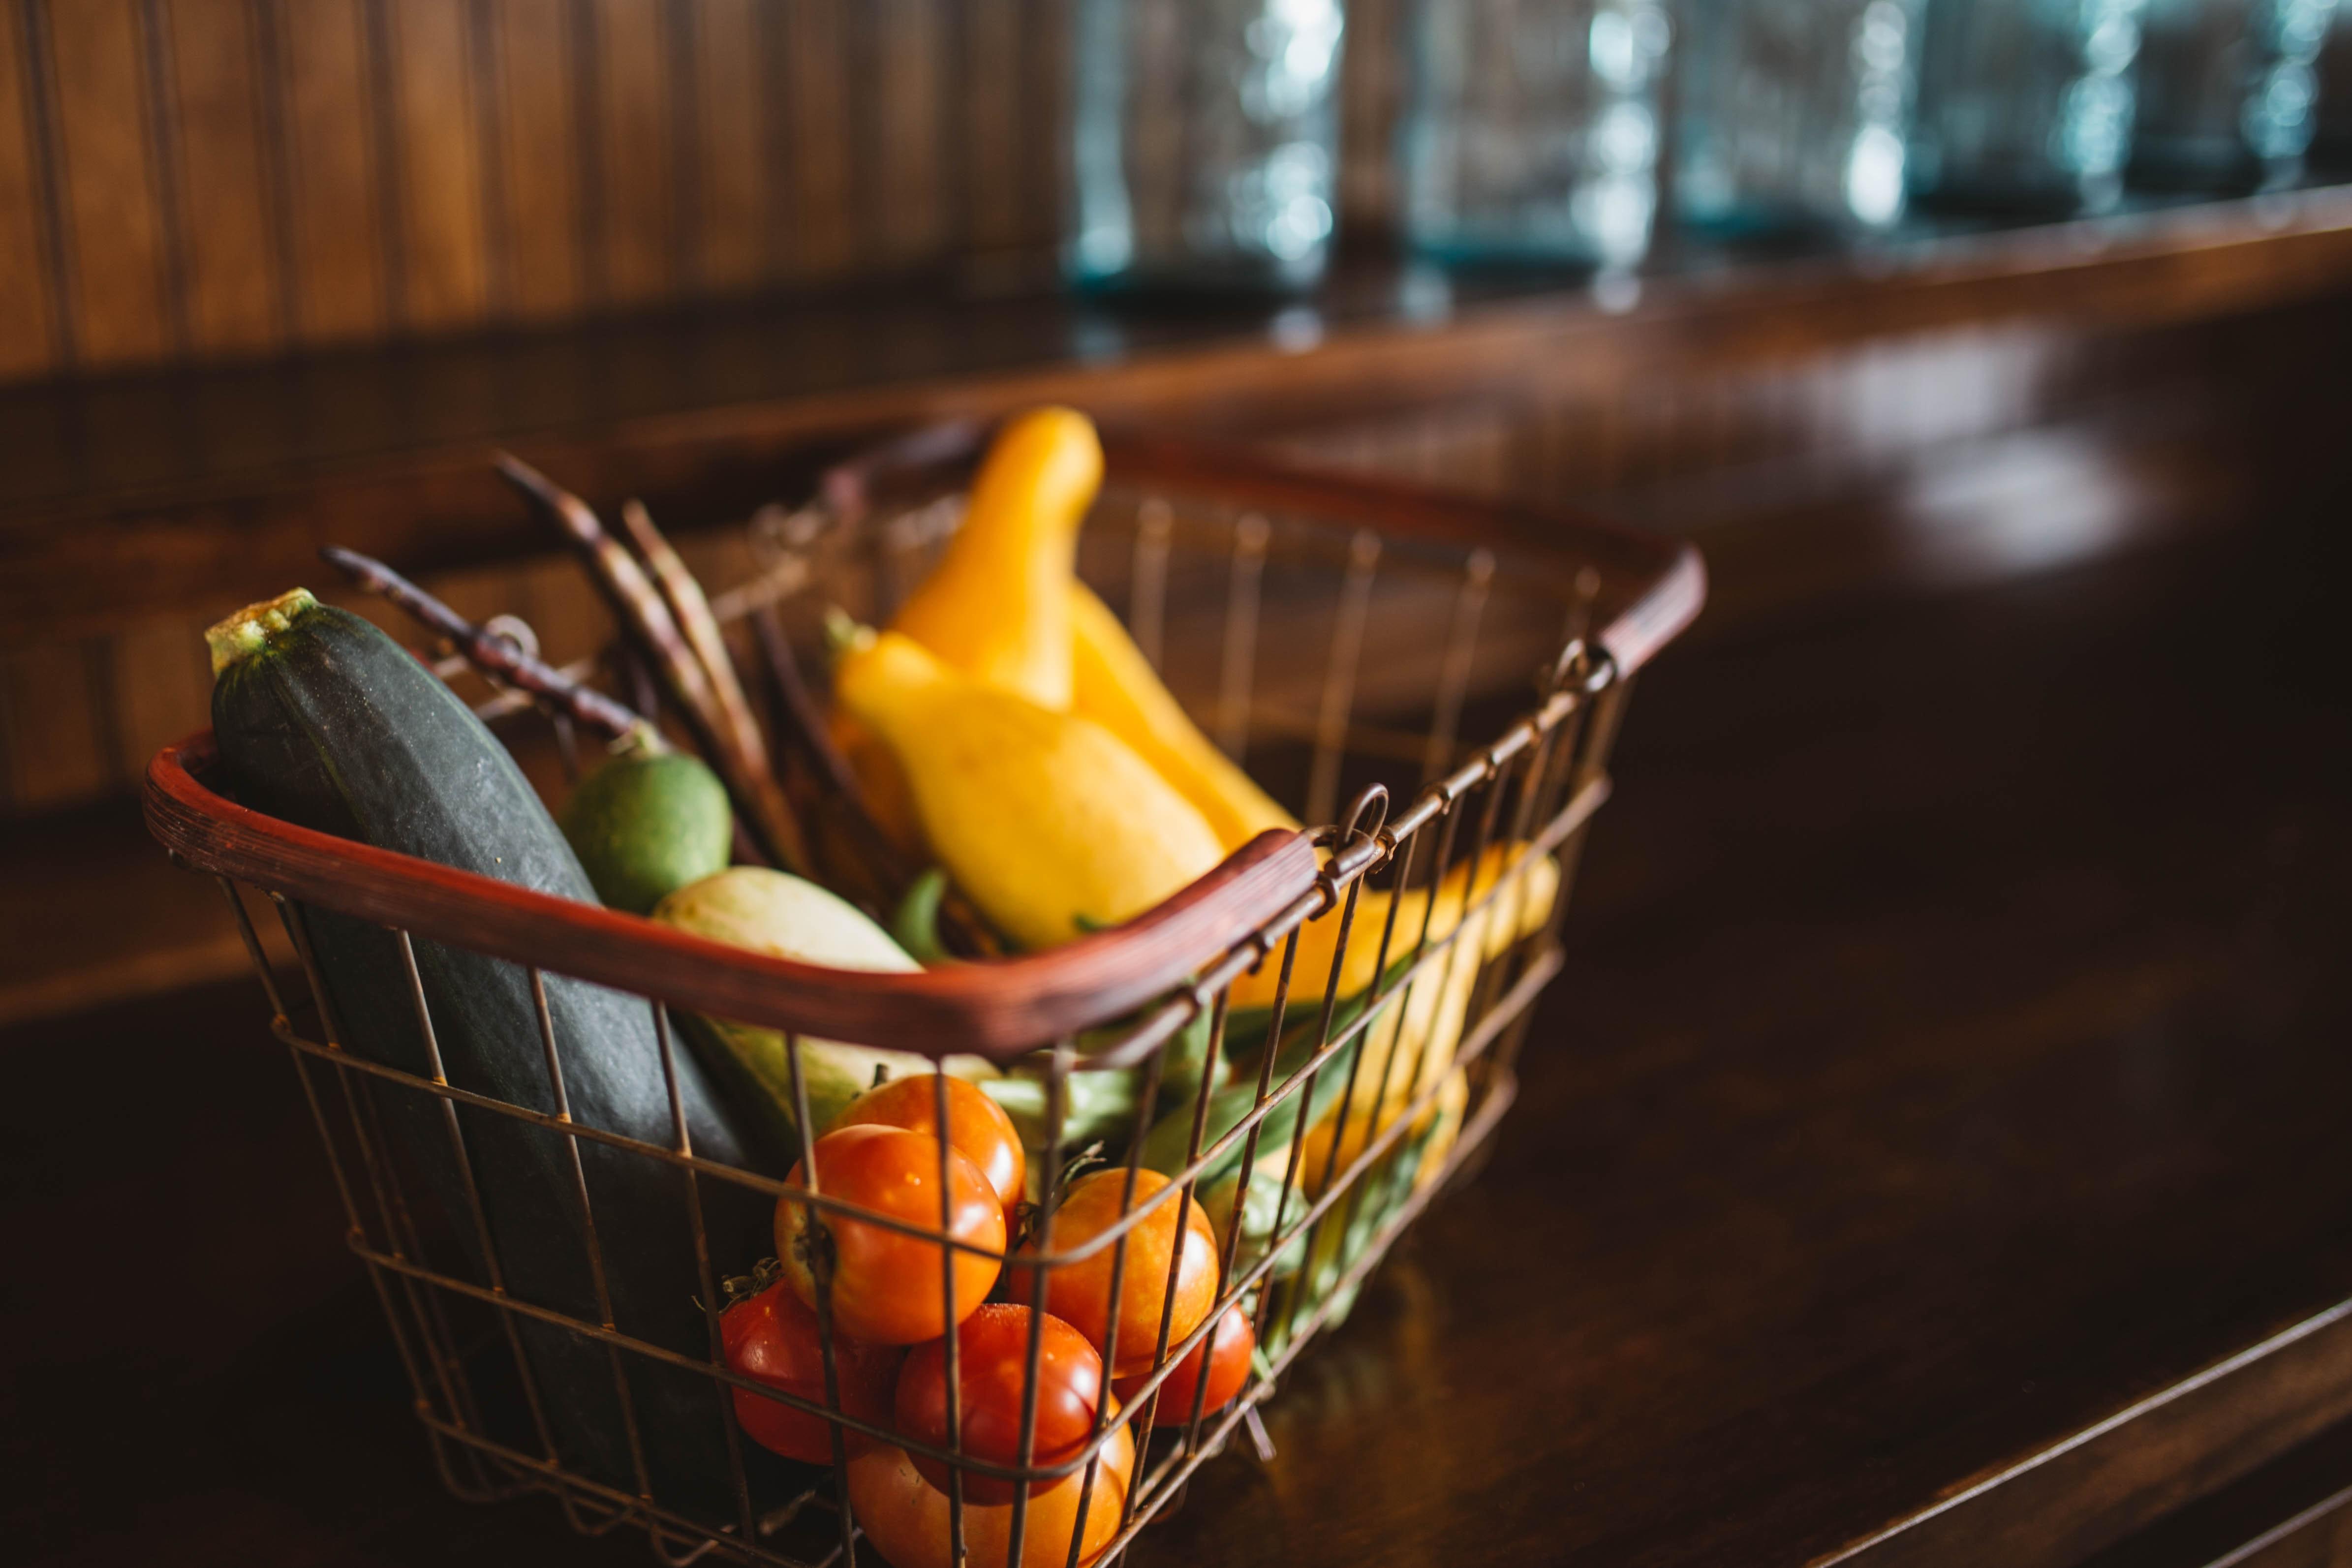 Fødevarestyrelsen, frugt, lukket butik. (Foto: Unsplash)